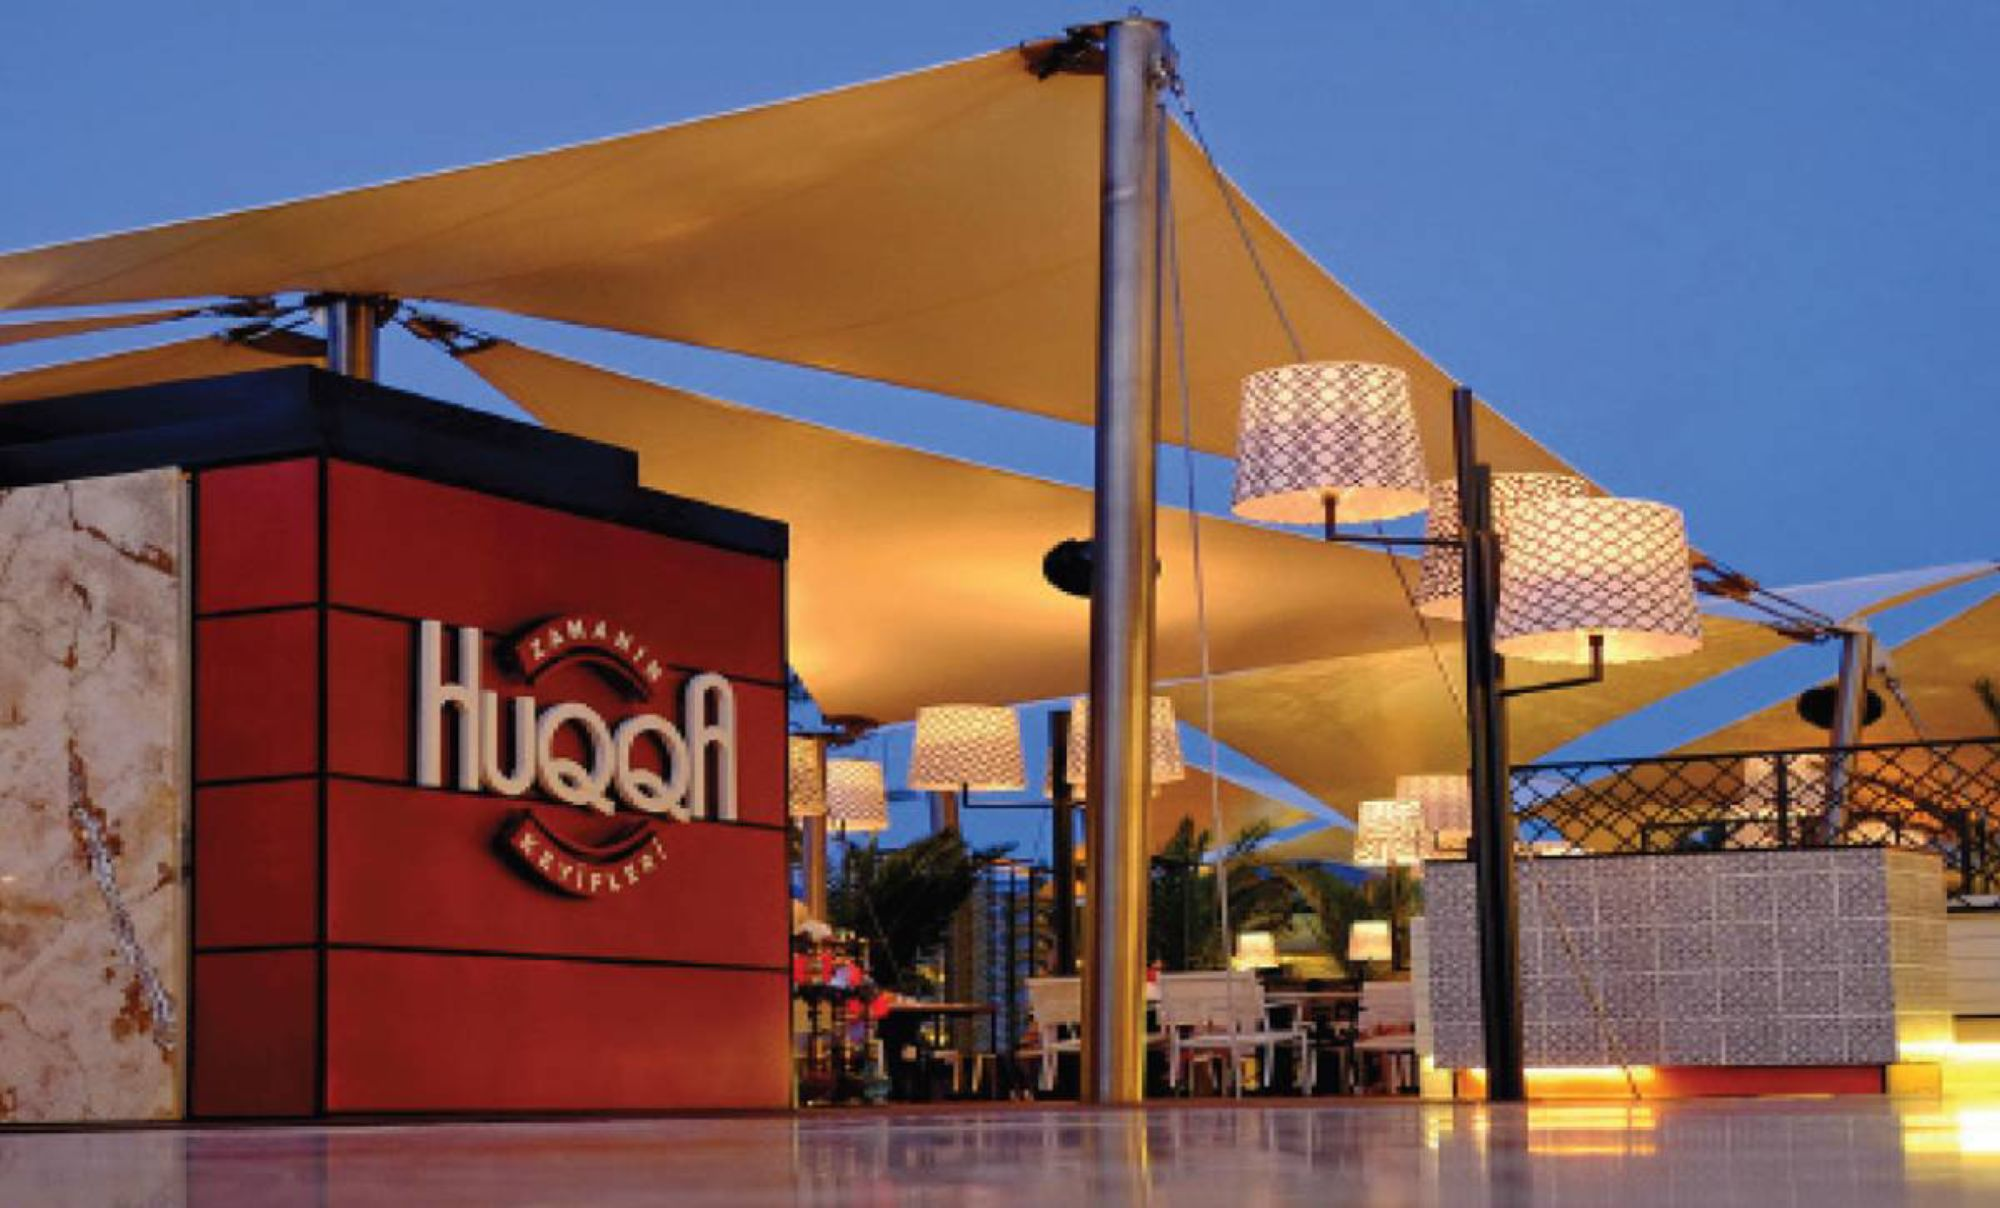 huqqa-restaurant-1200x725.jpg